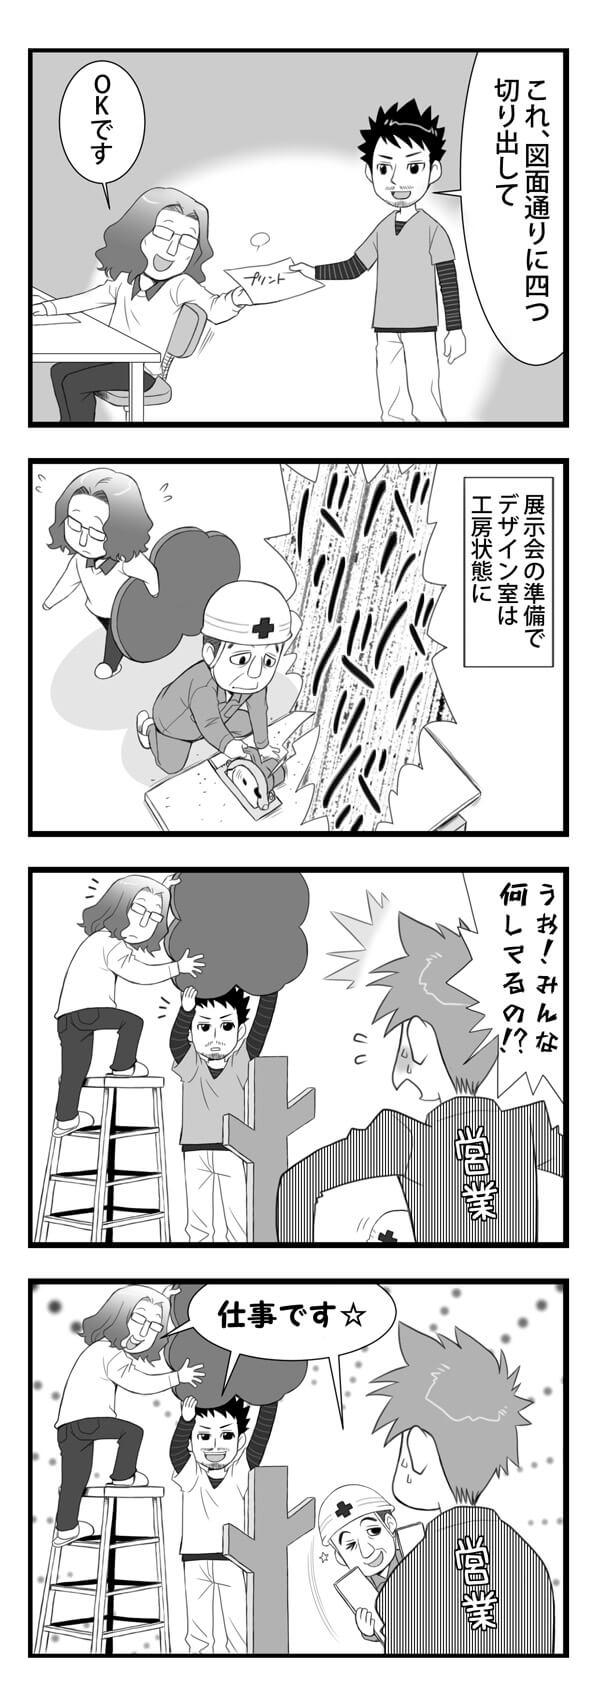 デザイナー漫画17話